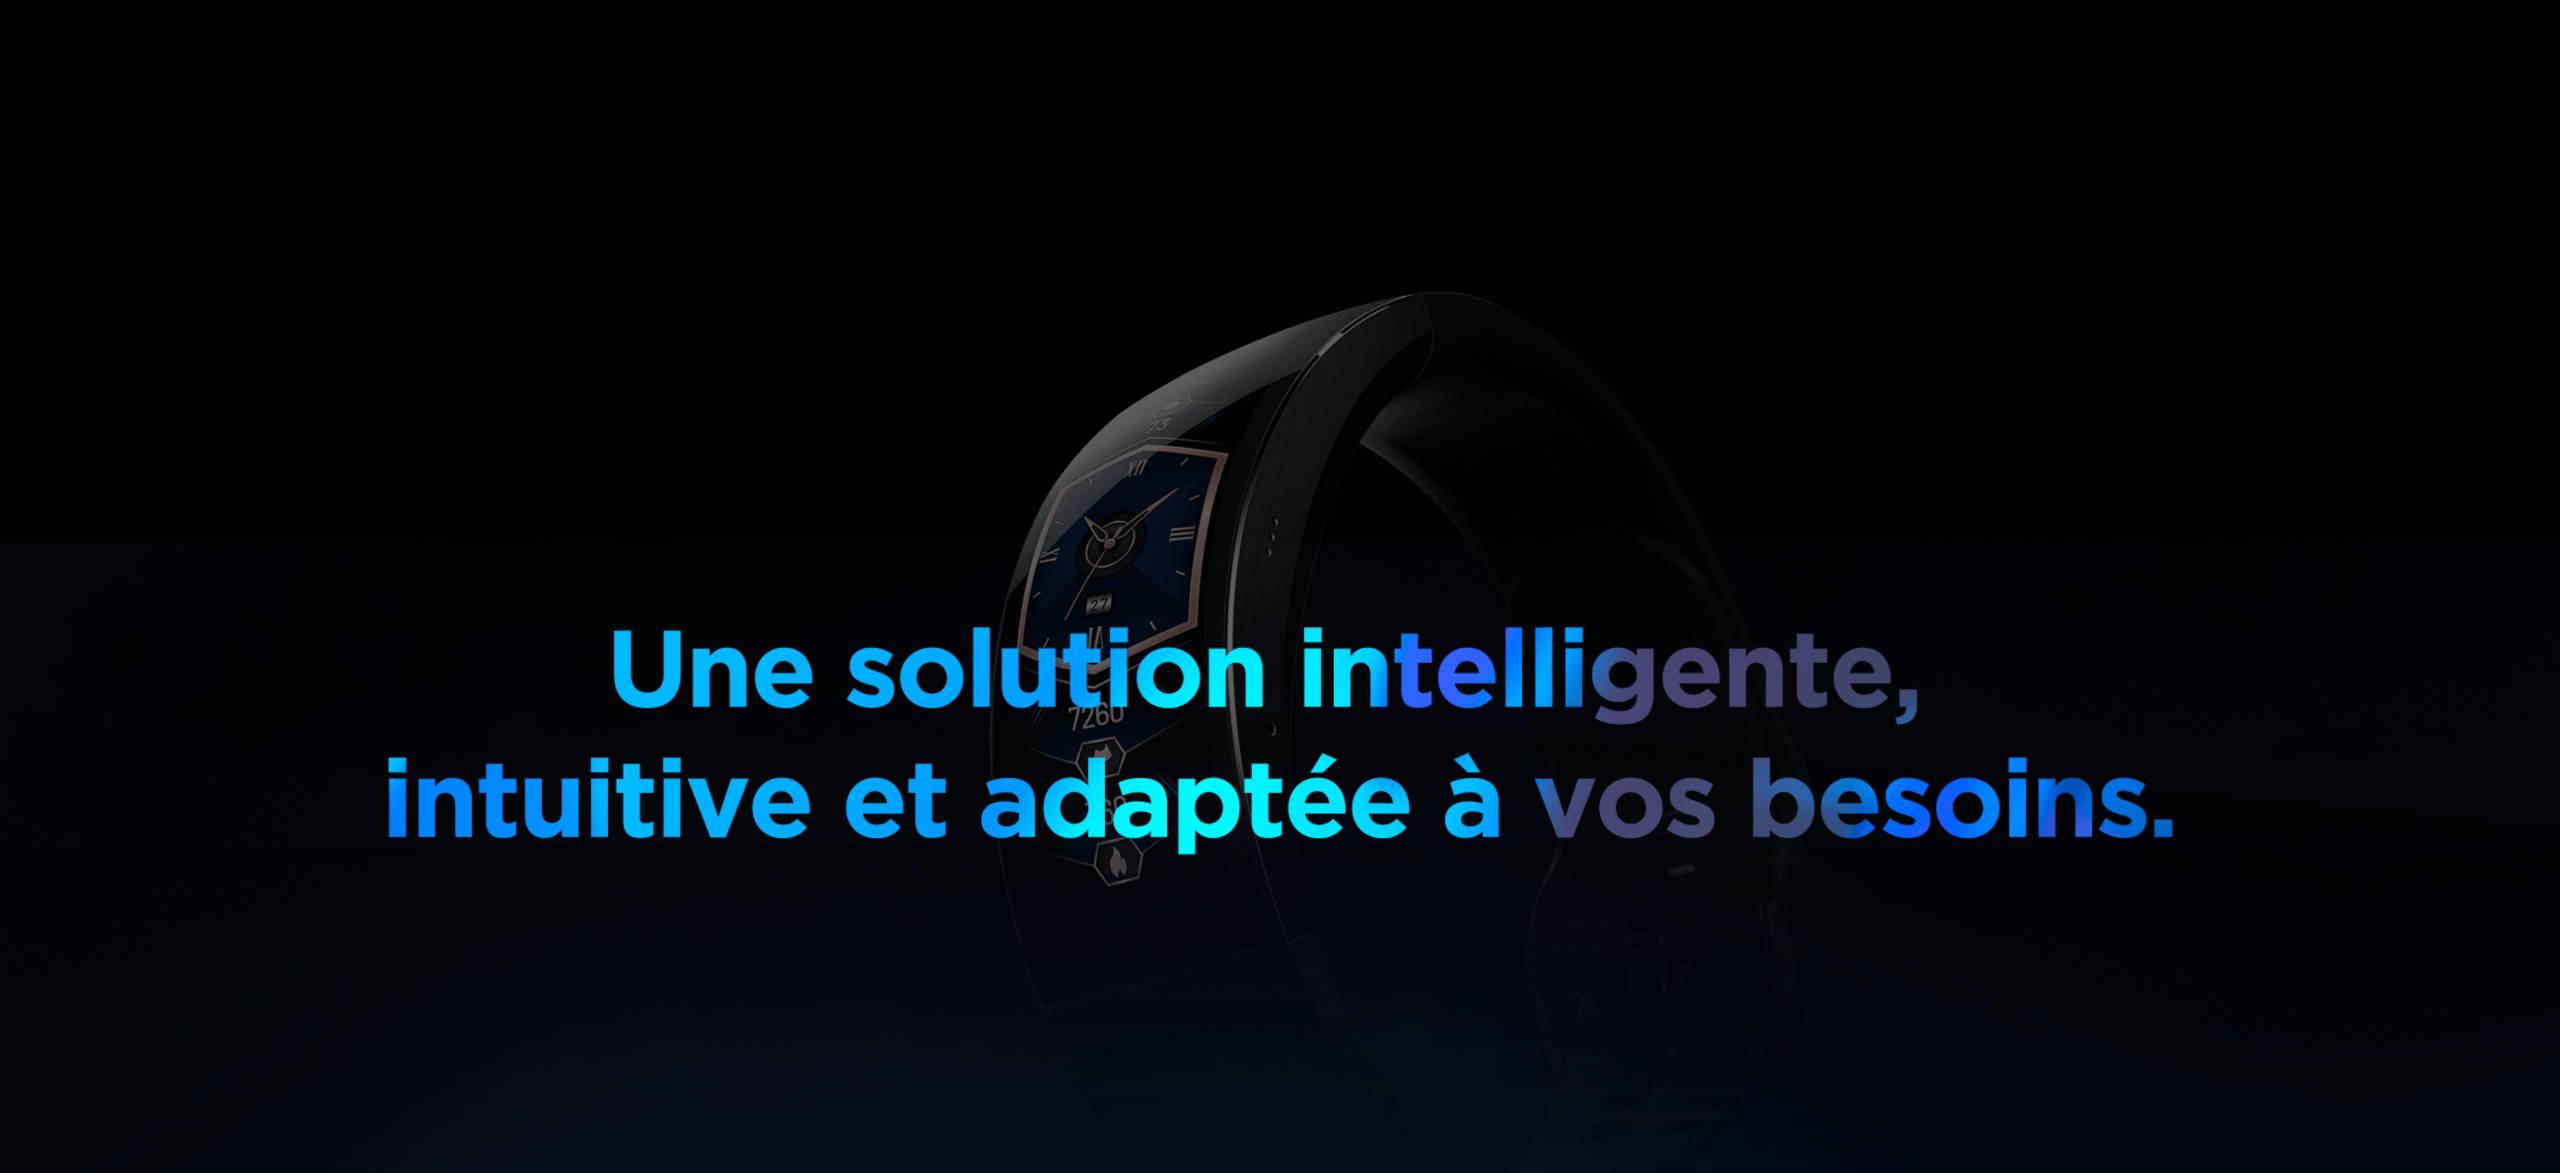 Amazfit X - Une solution intelligente,intuitive et adaptée à vos besoins.